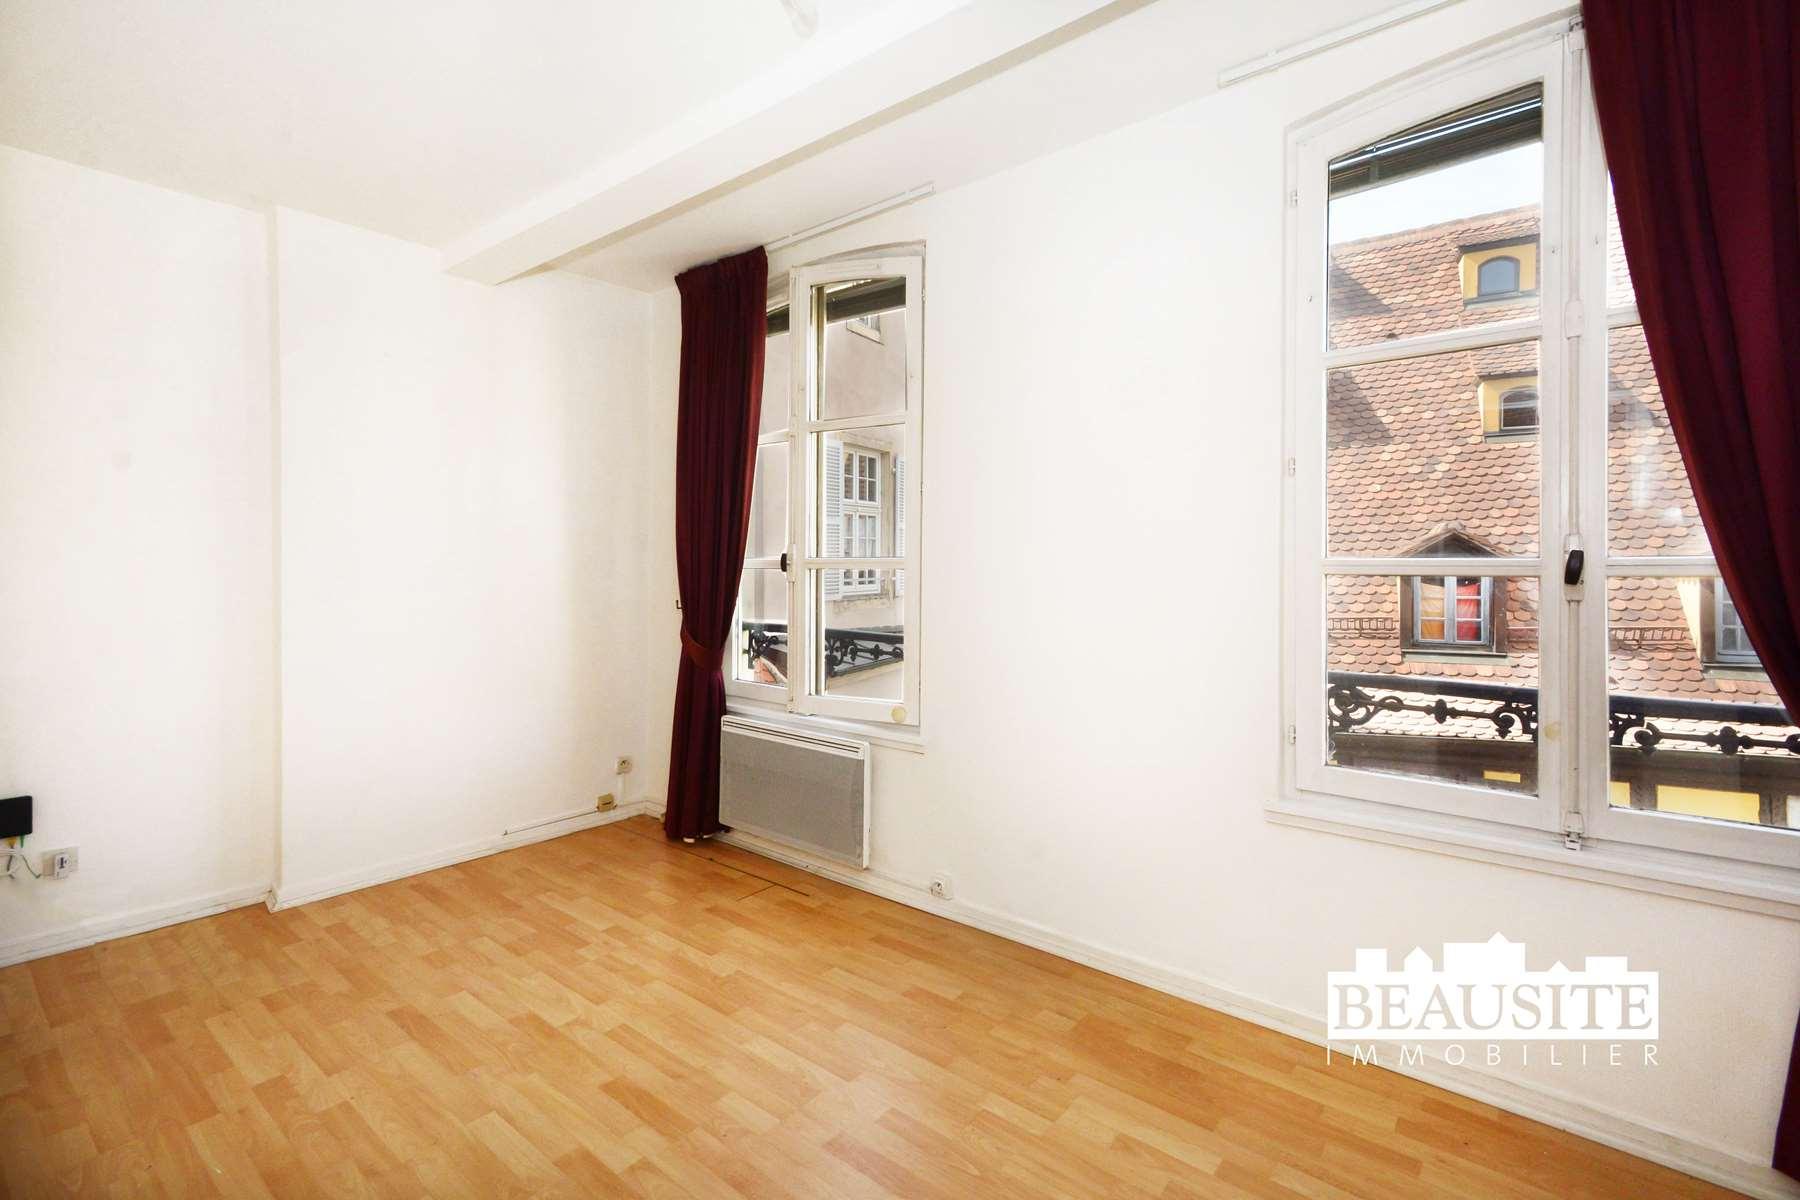 [Gold] Un appartement lumineux avec vue sur la Cathédrale - Strasbourg Centre - nos ventes - Beausite Immobilier 6